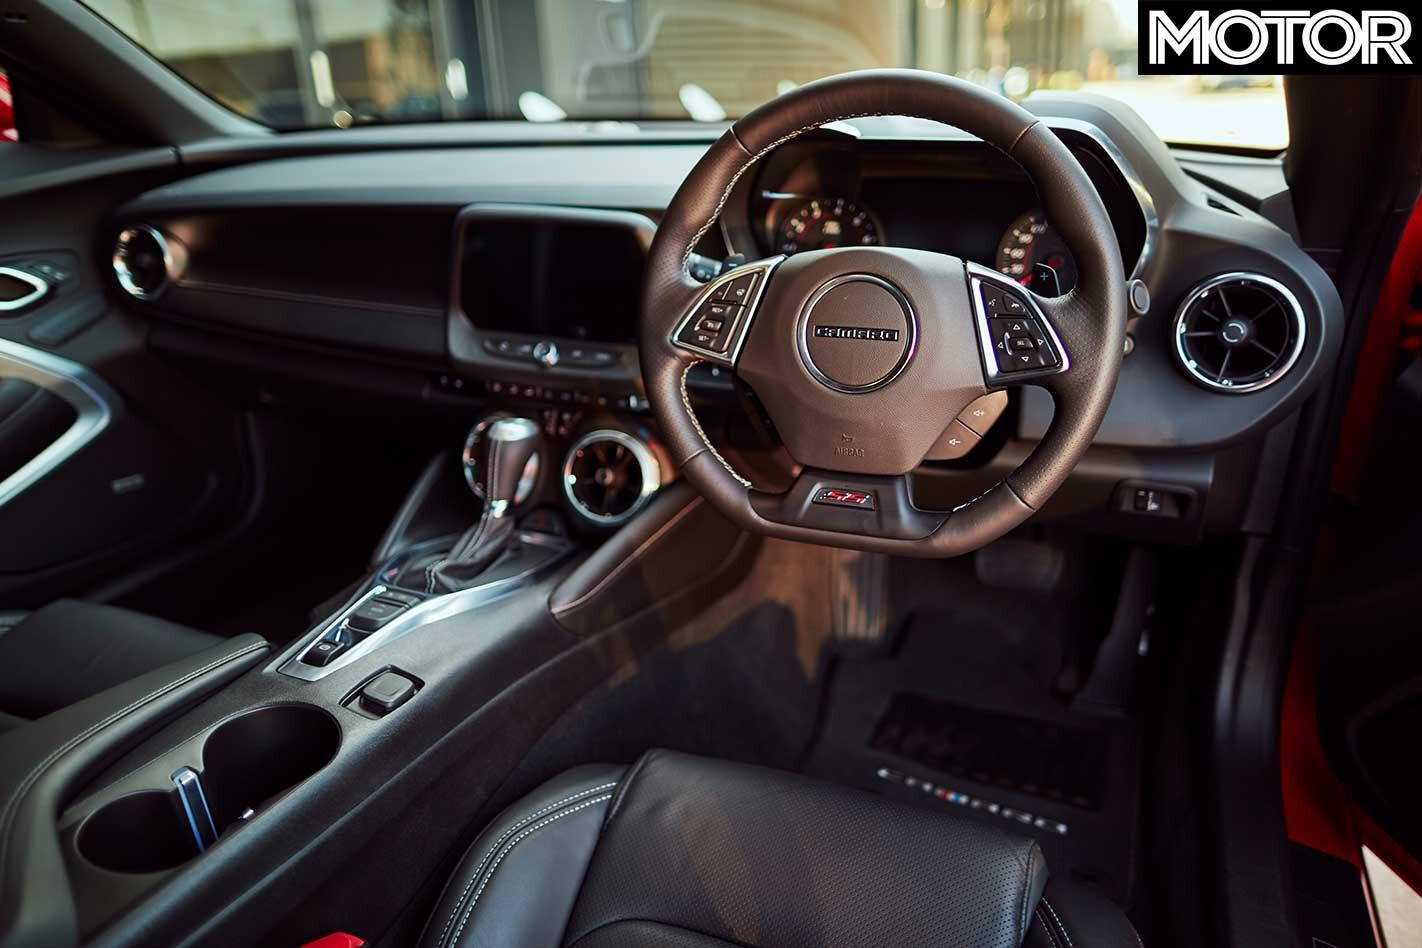 2018 Chevrolet Camaro 2 SS Interior Jpg